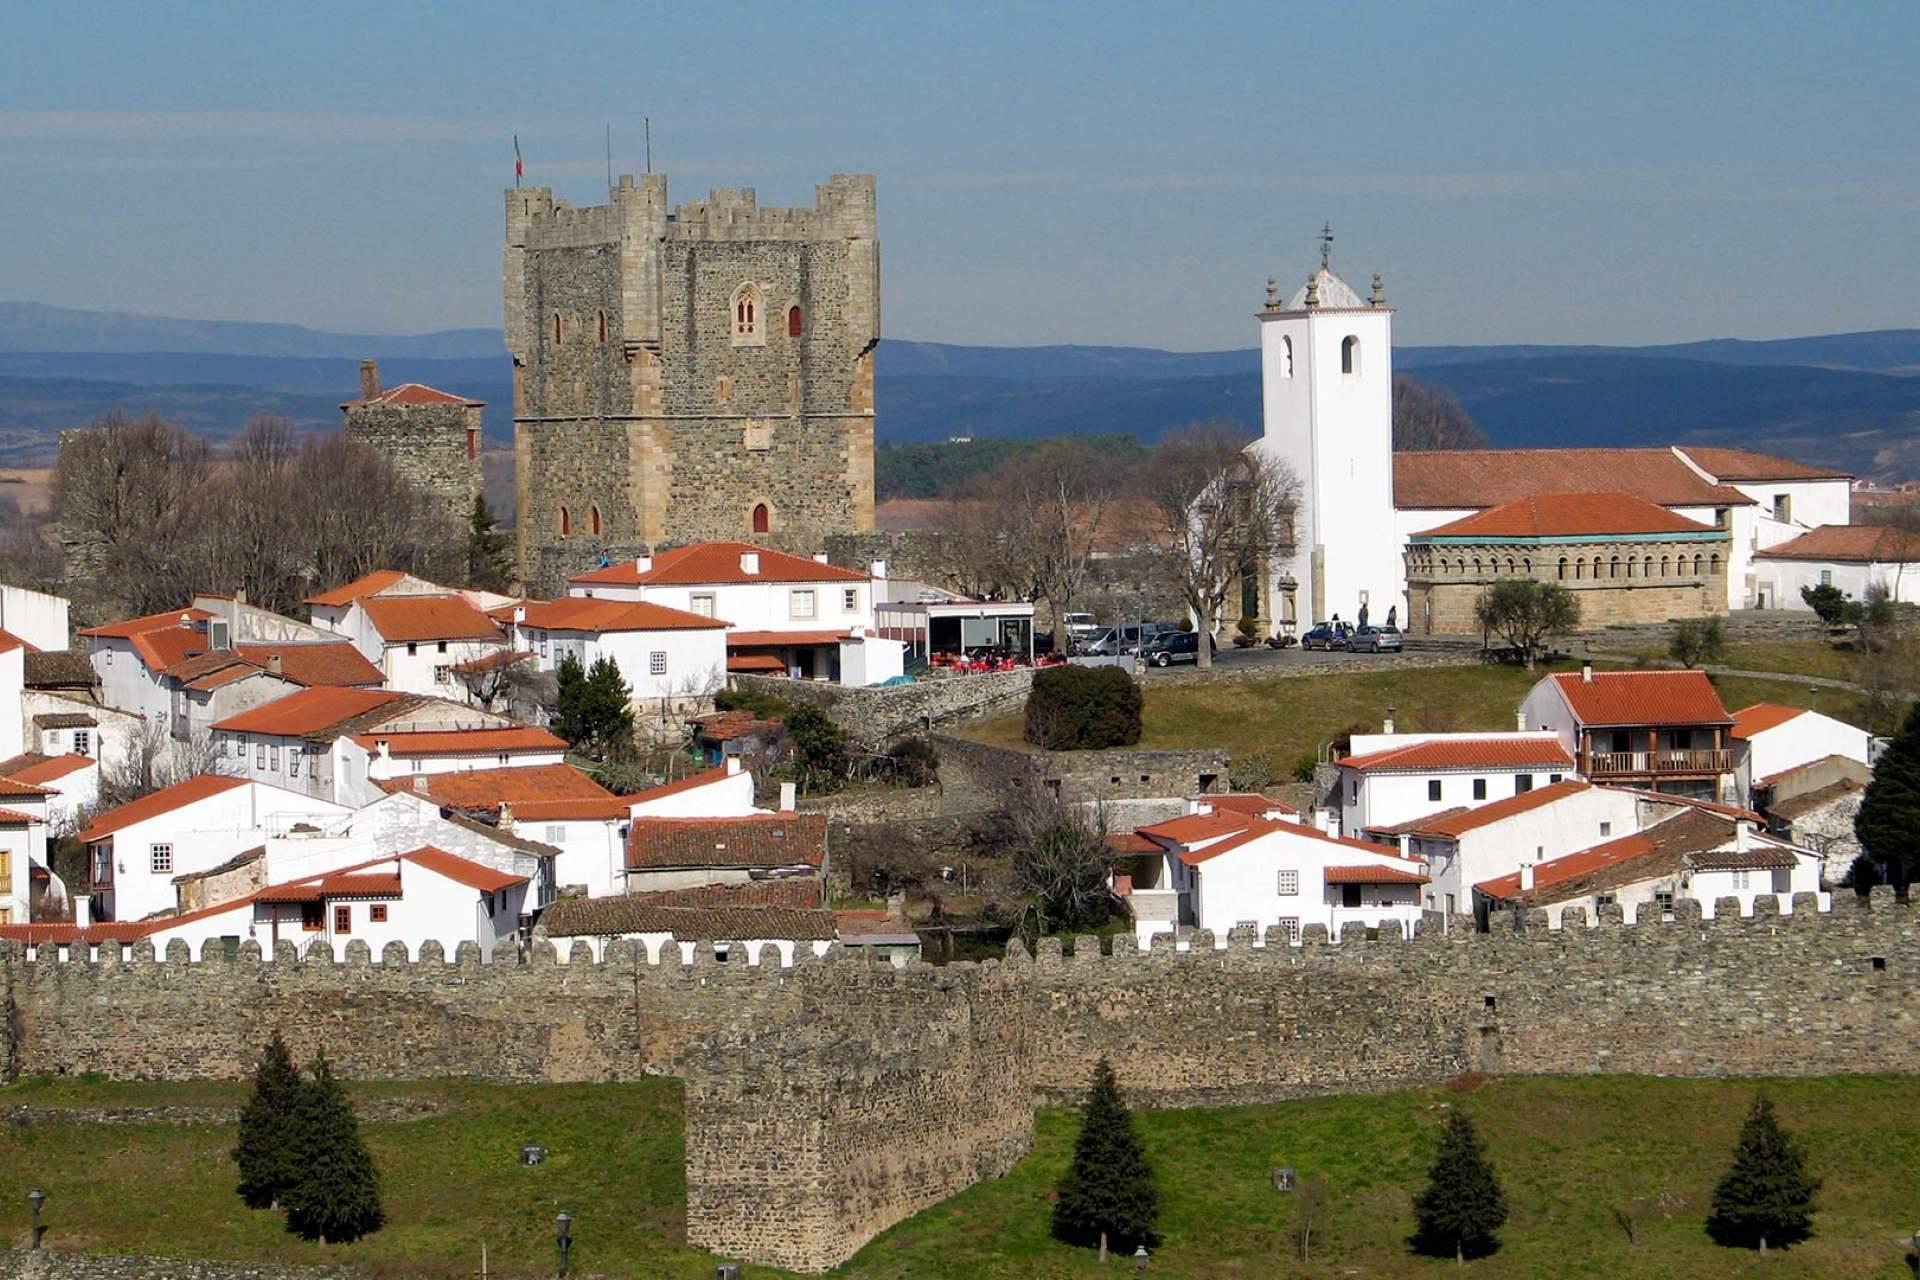 Cidadela de Bragança / Bragança / Agência Regional de Promoção Turística Porto e Norte de Portugal